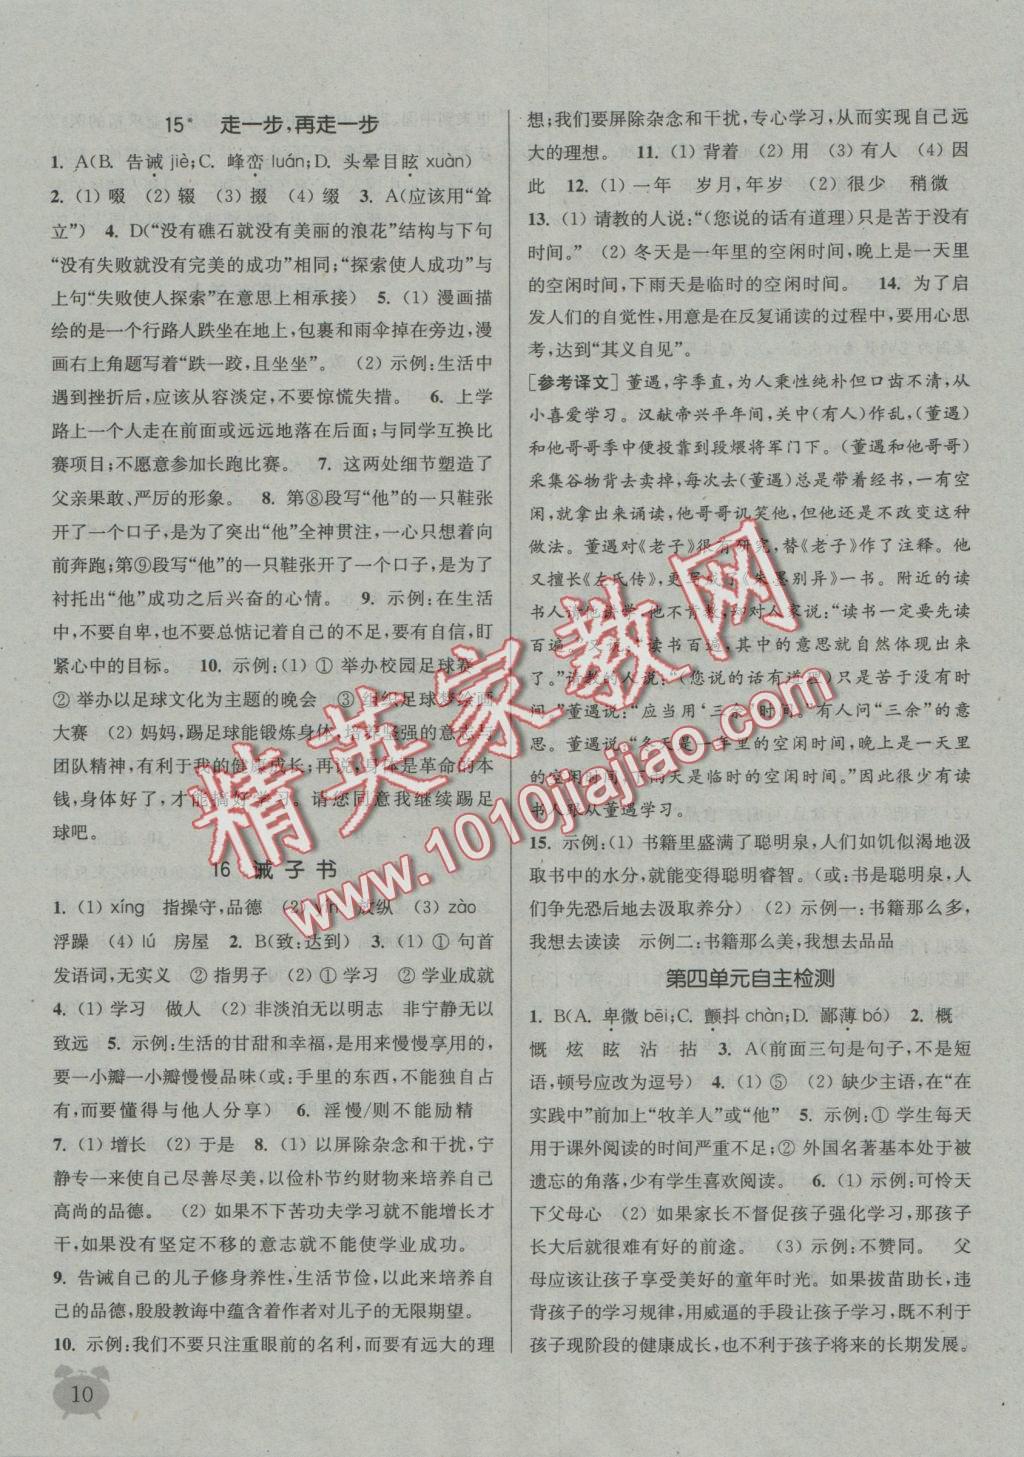 2016年通城学典课时作业本七年级语文上册人教版参考答案第9页